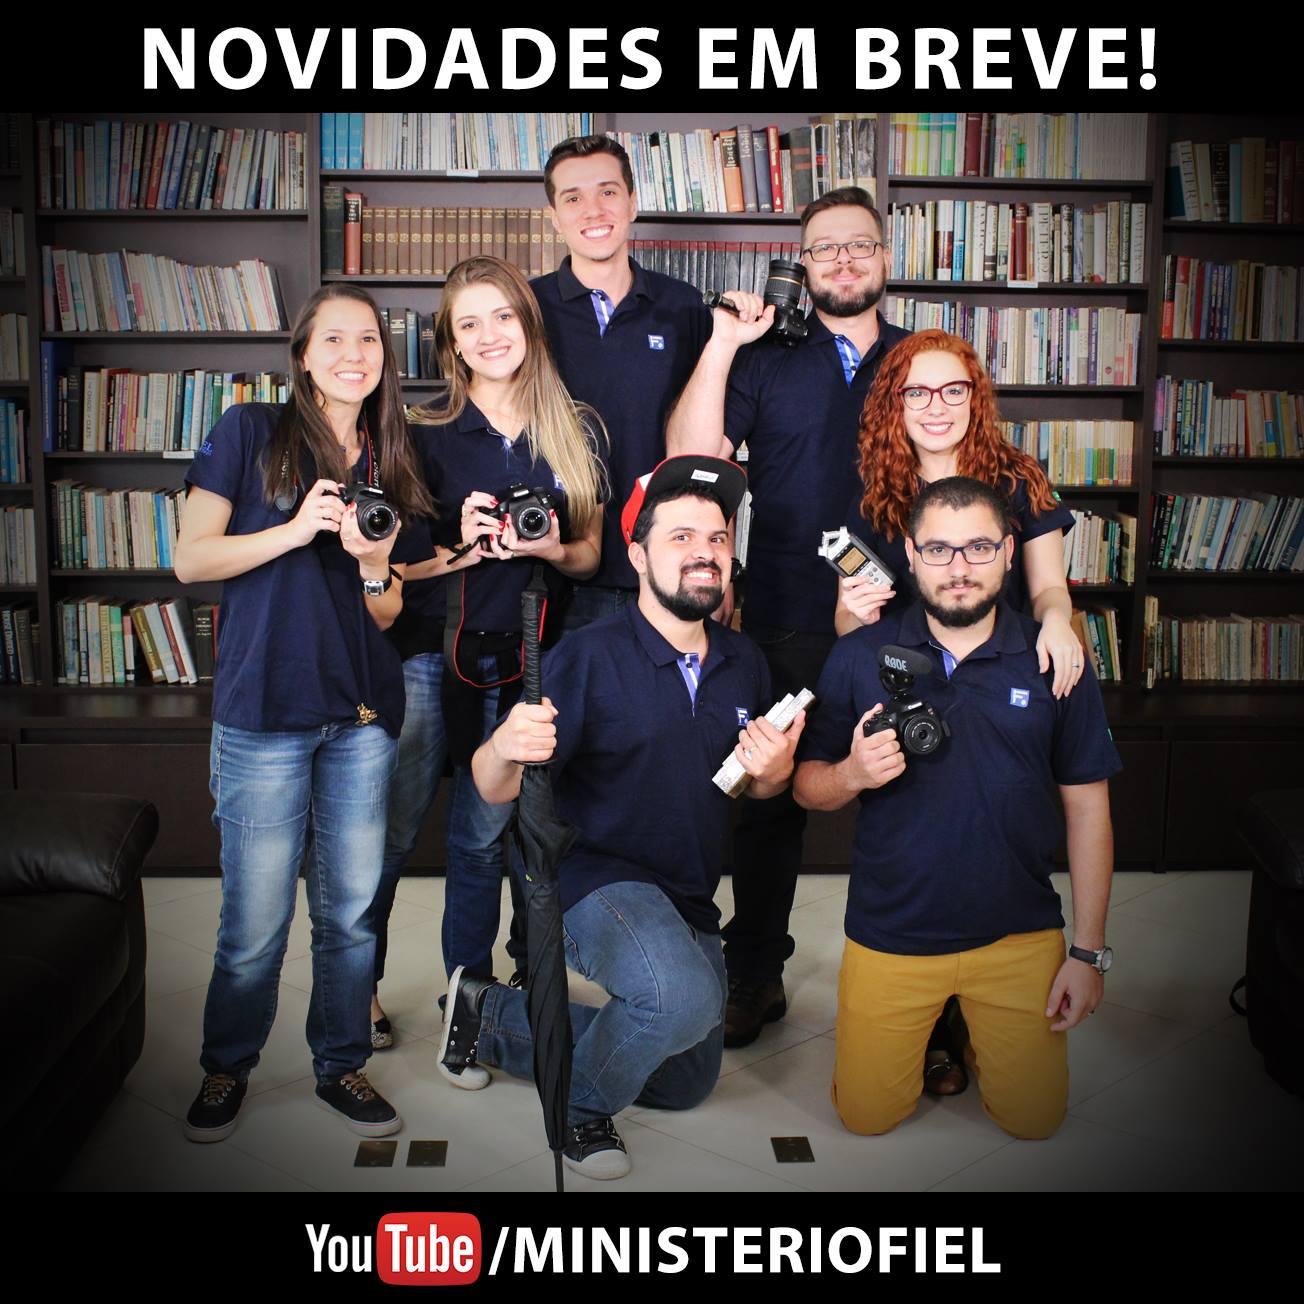 Ministério Fiel lança novos programas com YouTubers cristãos